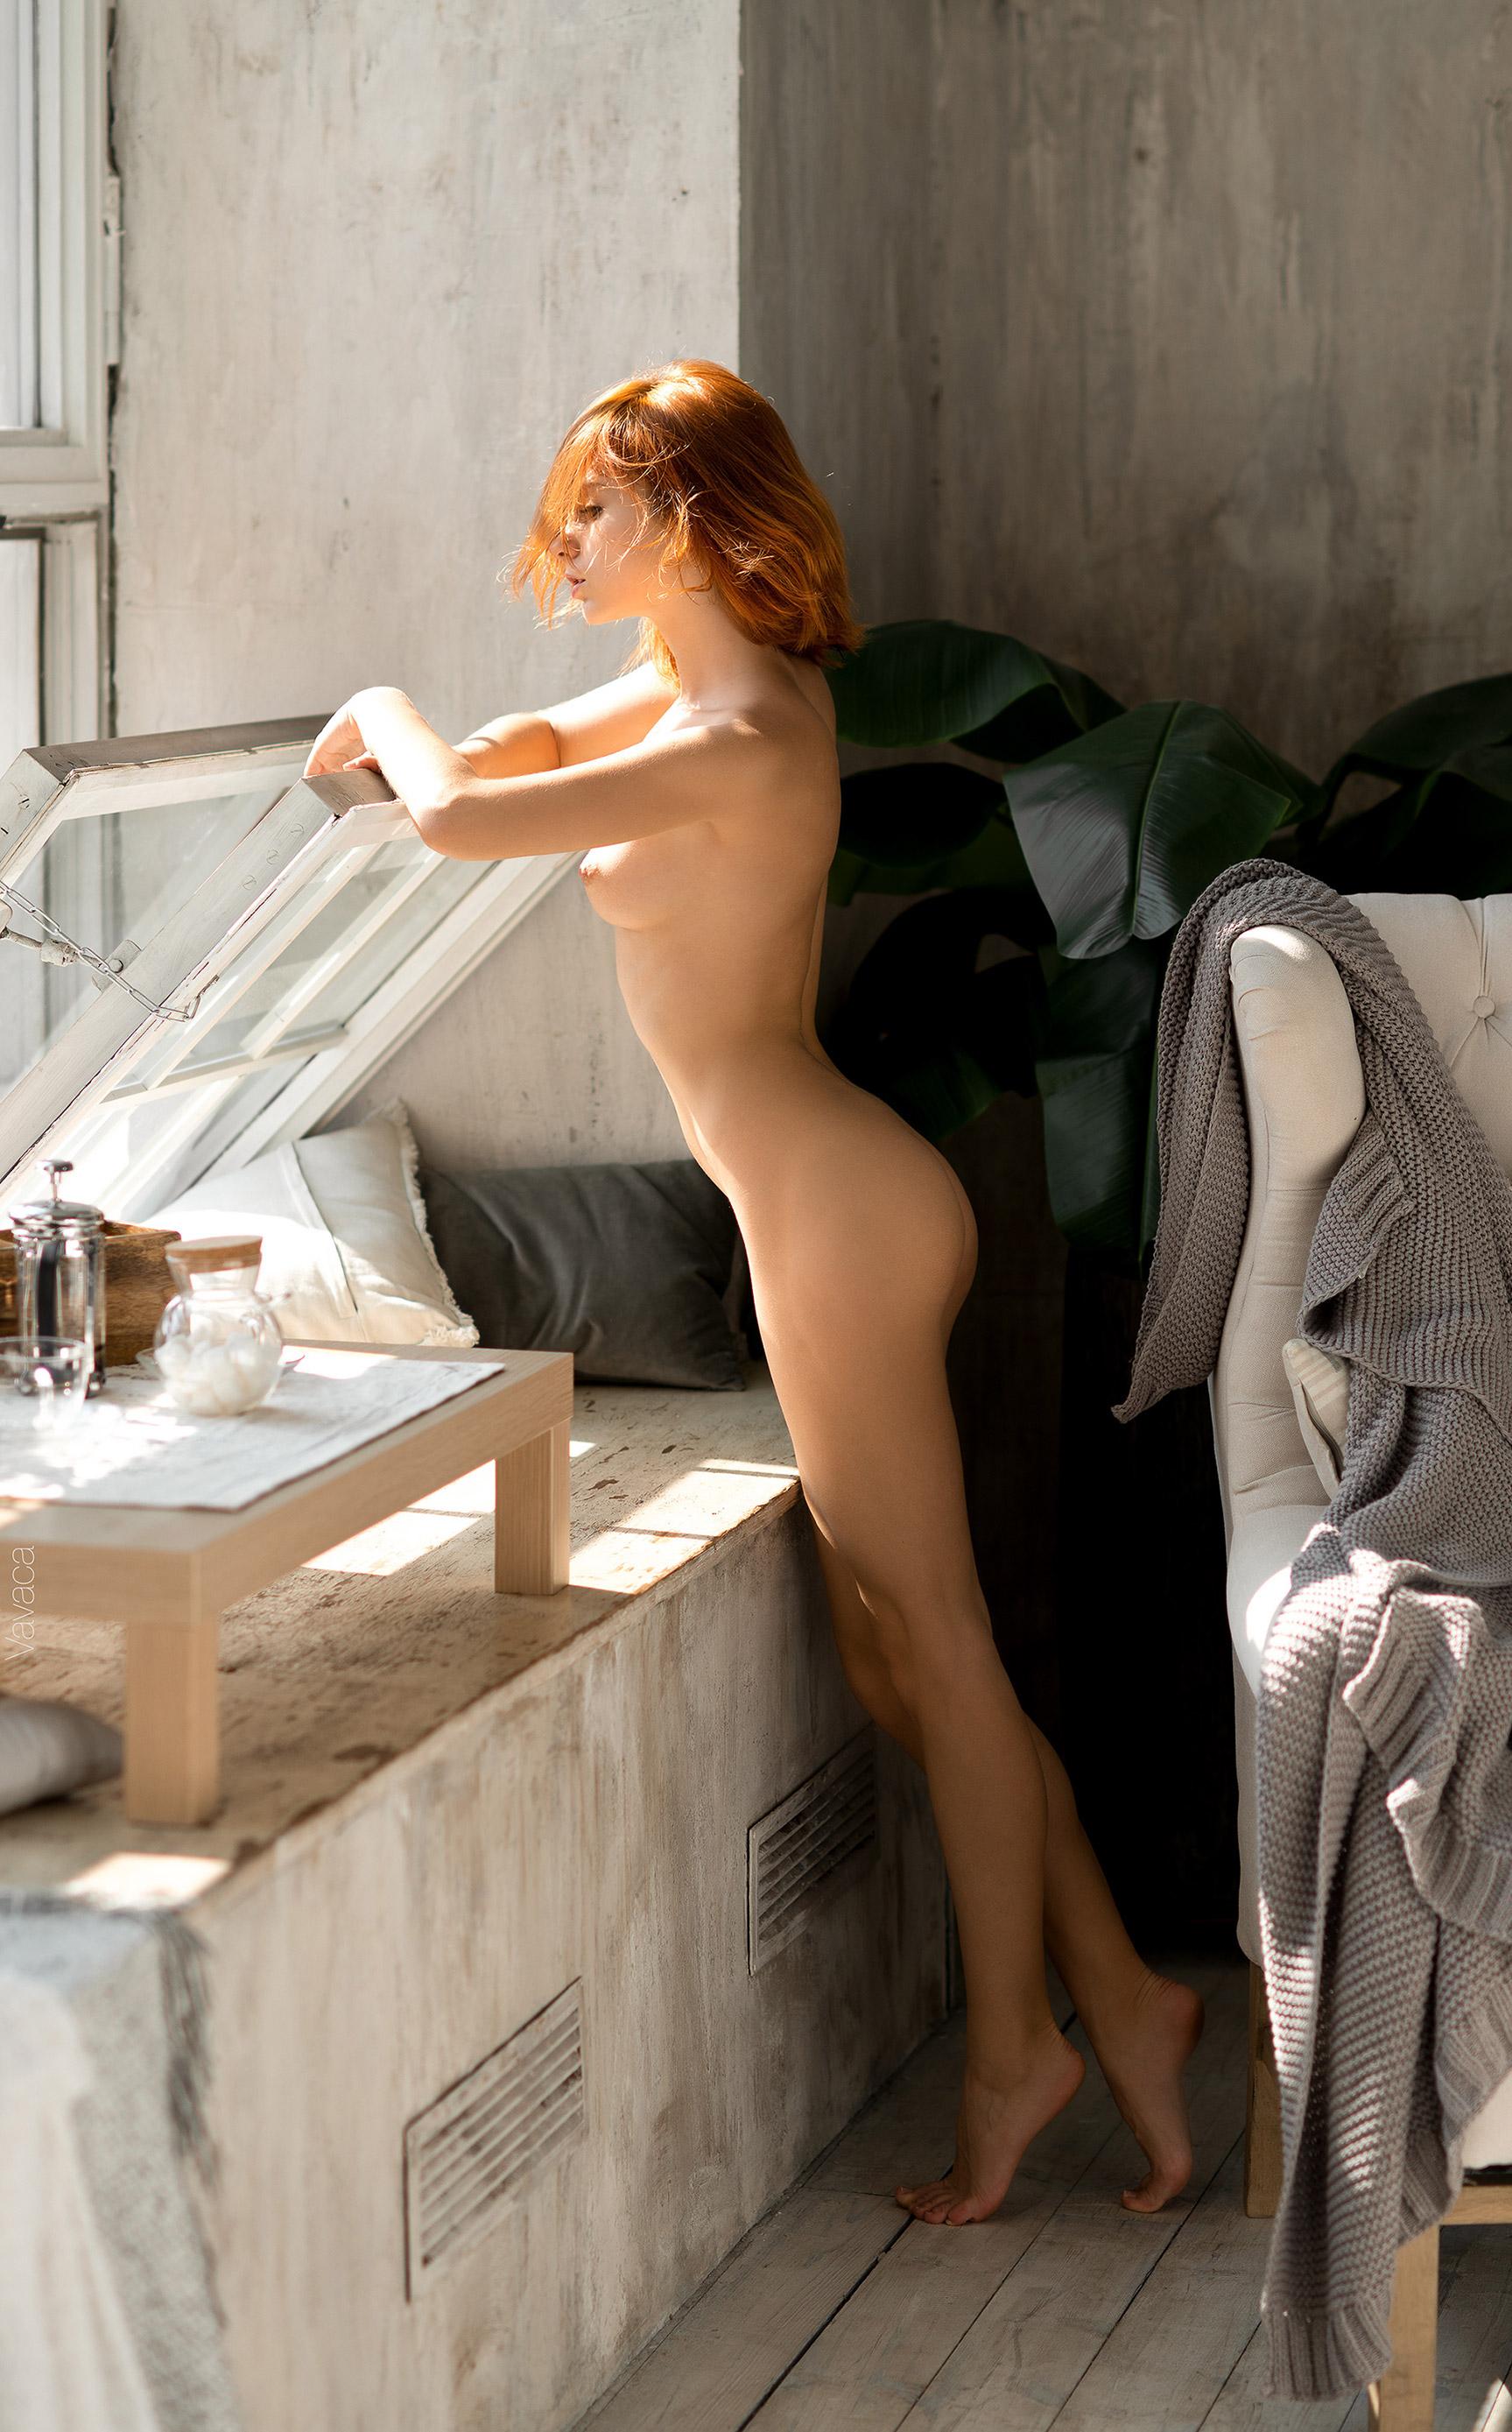 Солнечная, голая и сексуальная Марта Громова / Marta Gromova by Vladimir Nikolaev